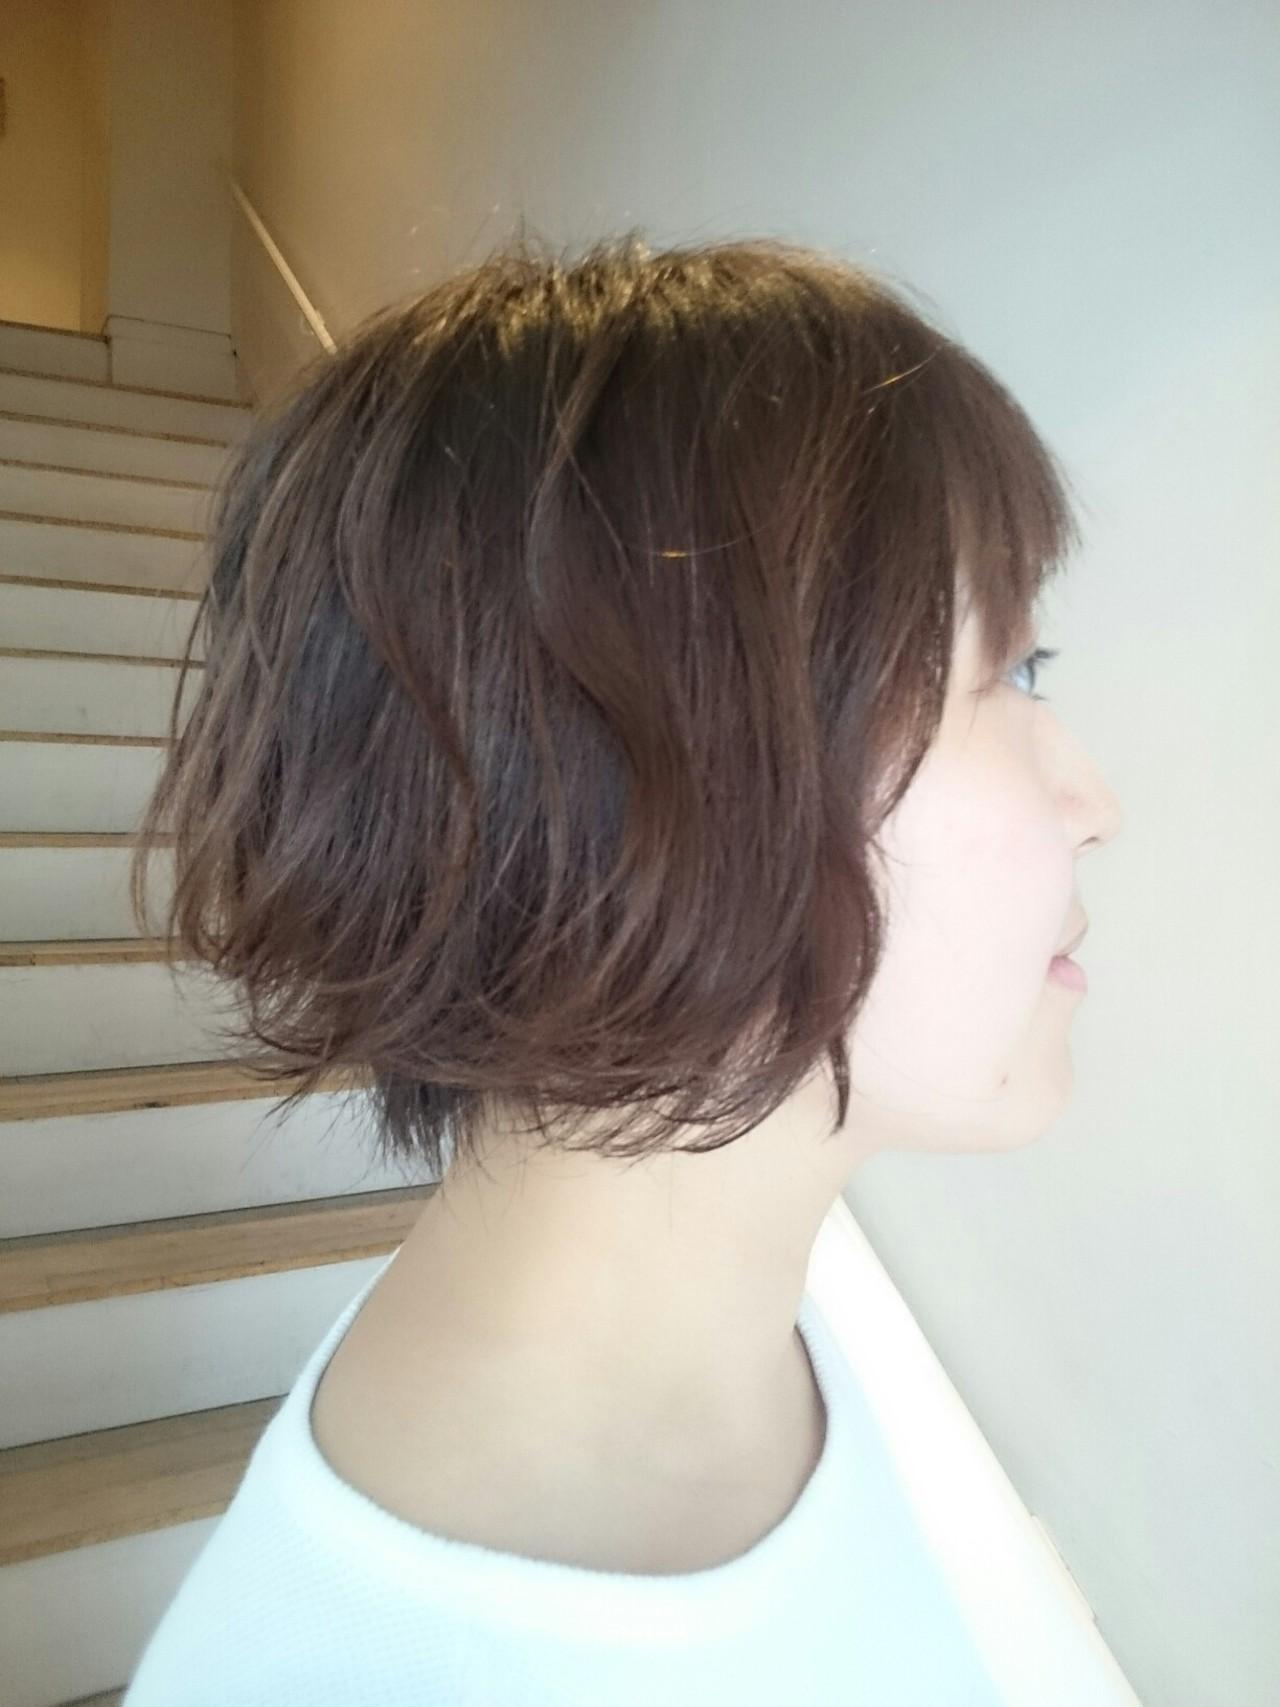 ナチュラル 伸ばしかけ ボブ カール ヘアスタイルや髪型の写真・画像   haruna / tico